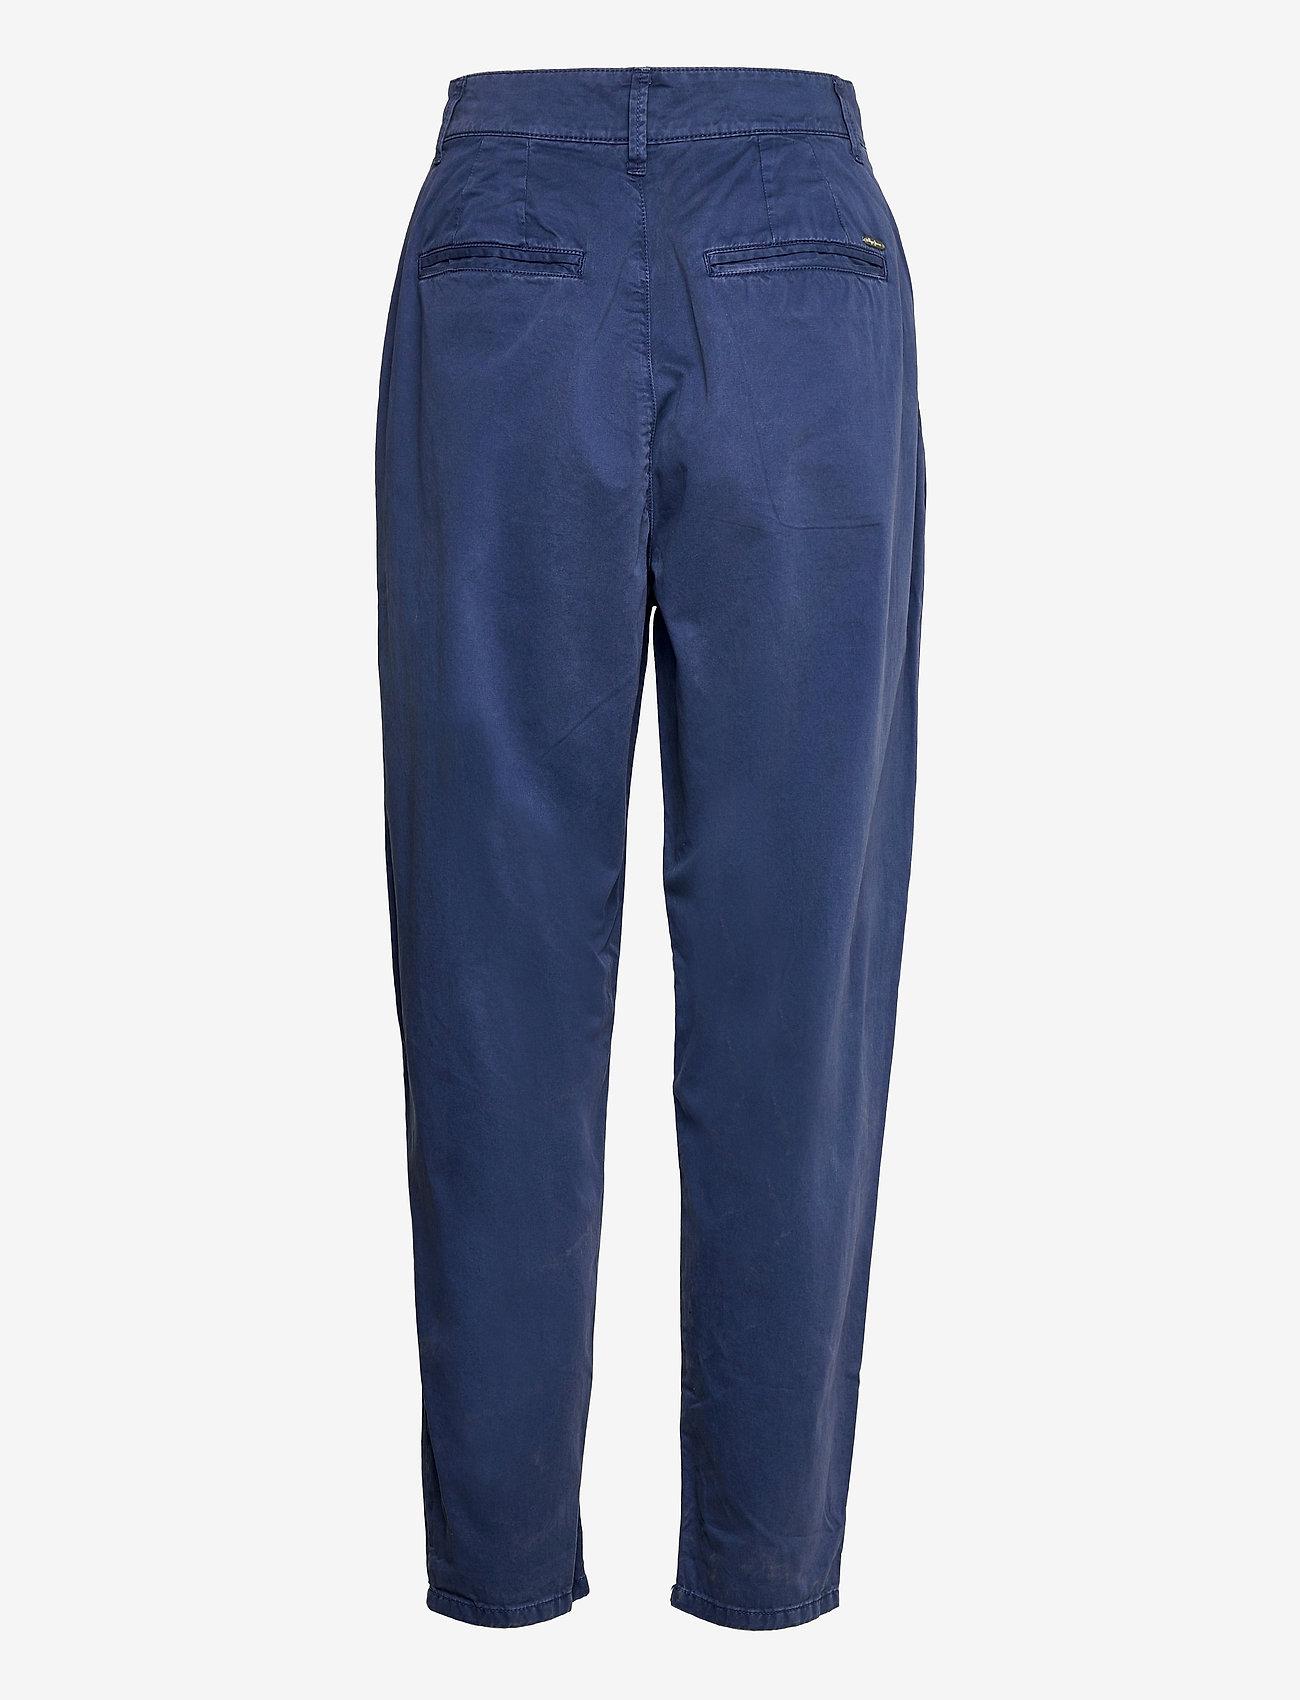 Pepe Jeans London - MAMBA - mammajeans - blue - 1